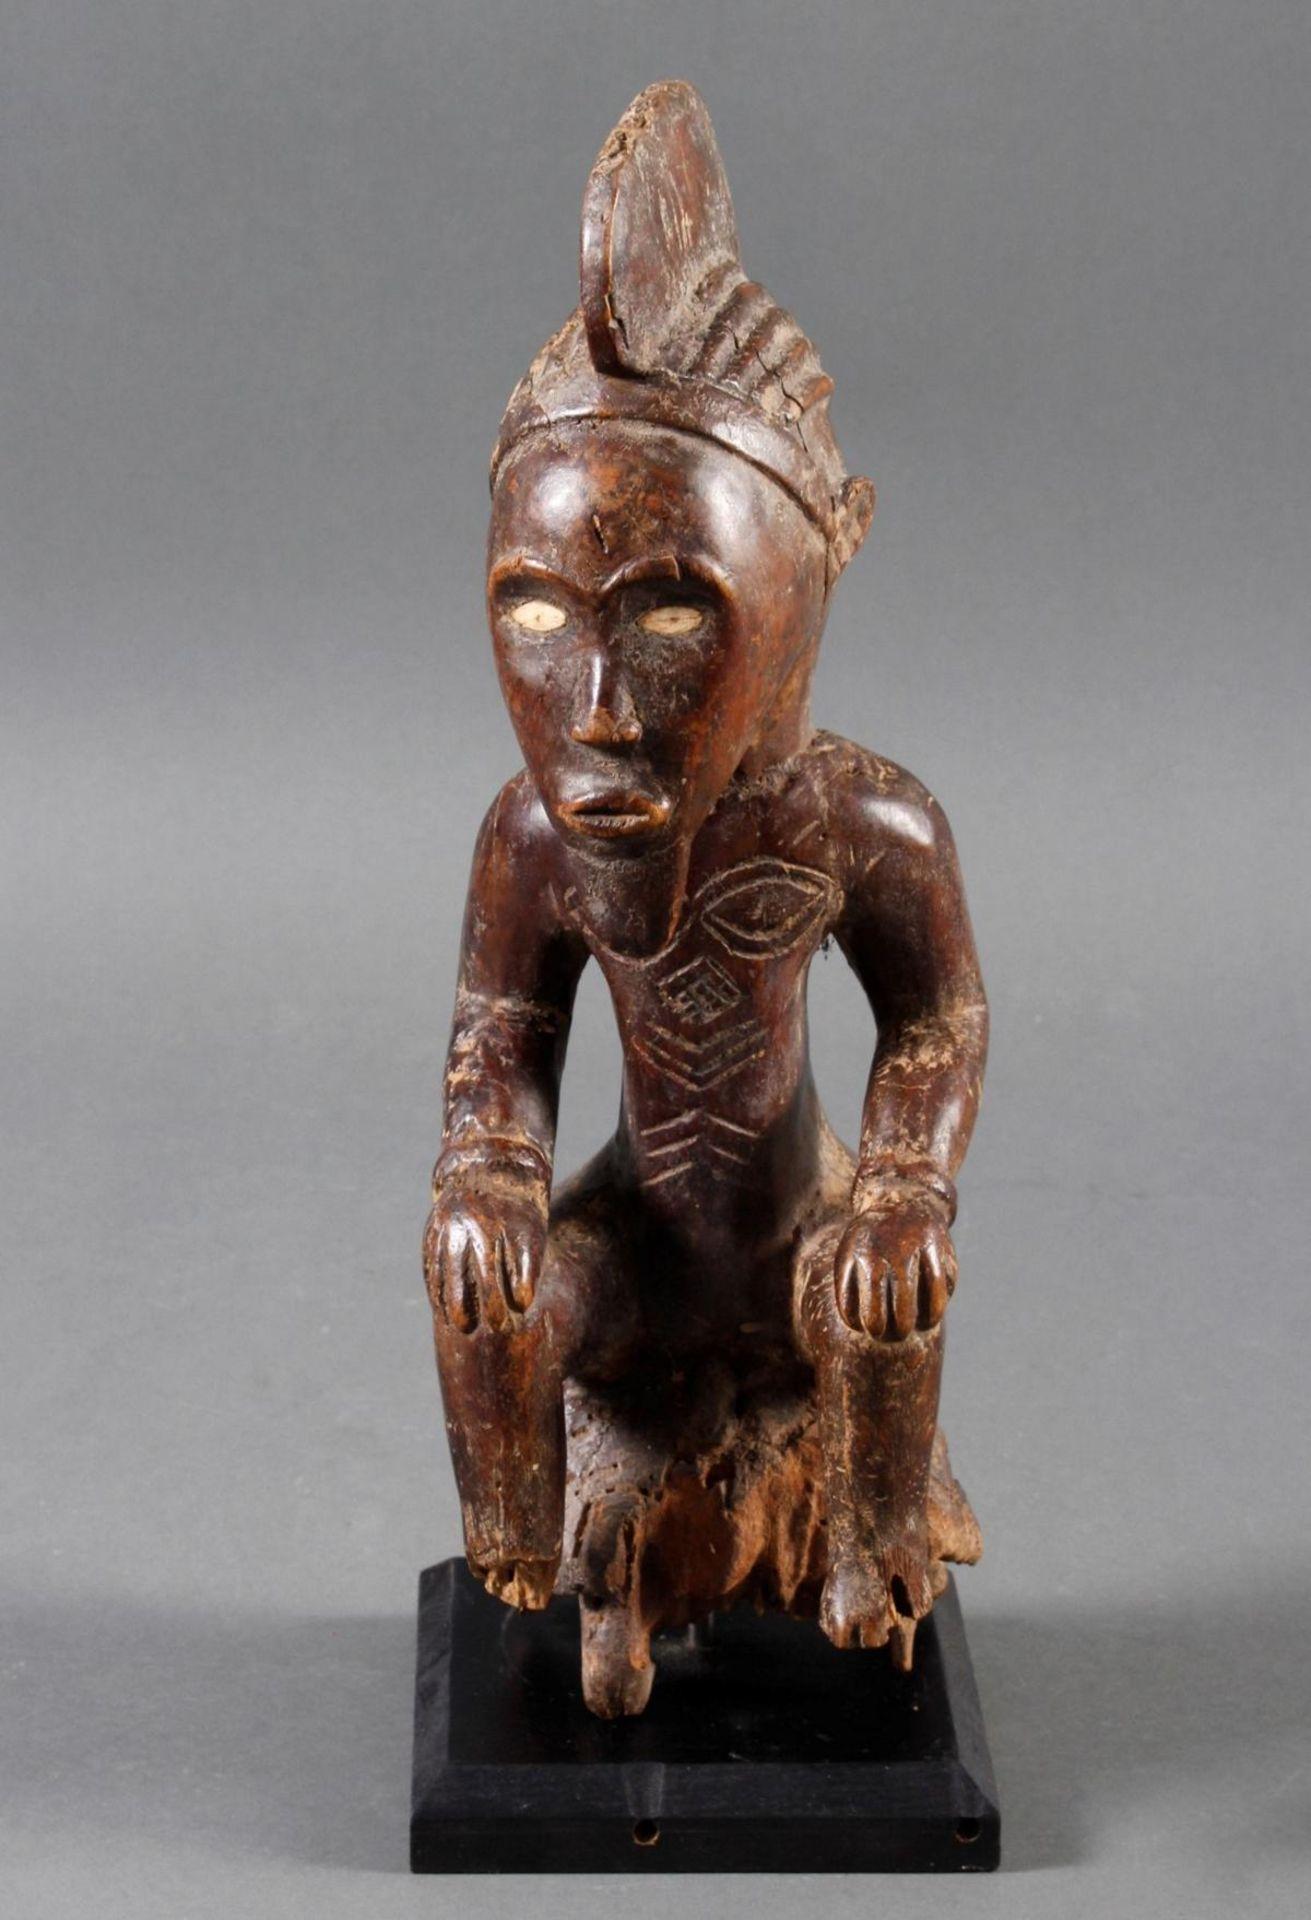 Auf einer Schildkröte sitzende Ritualfigur (Fragment) der Bembe / Kongo